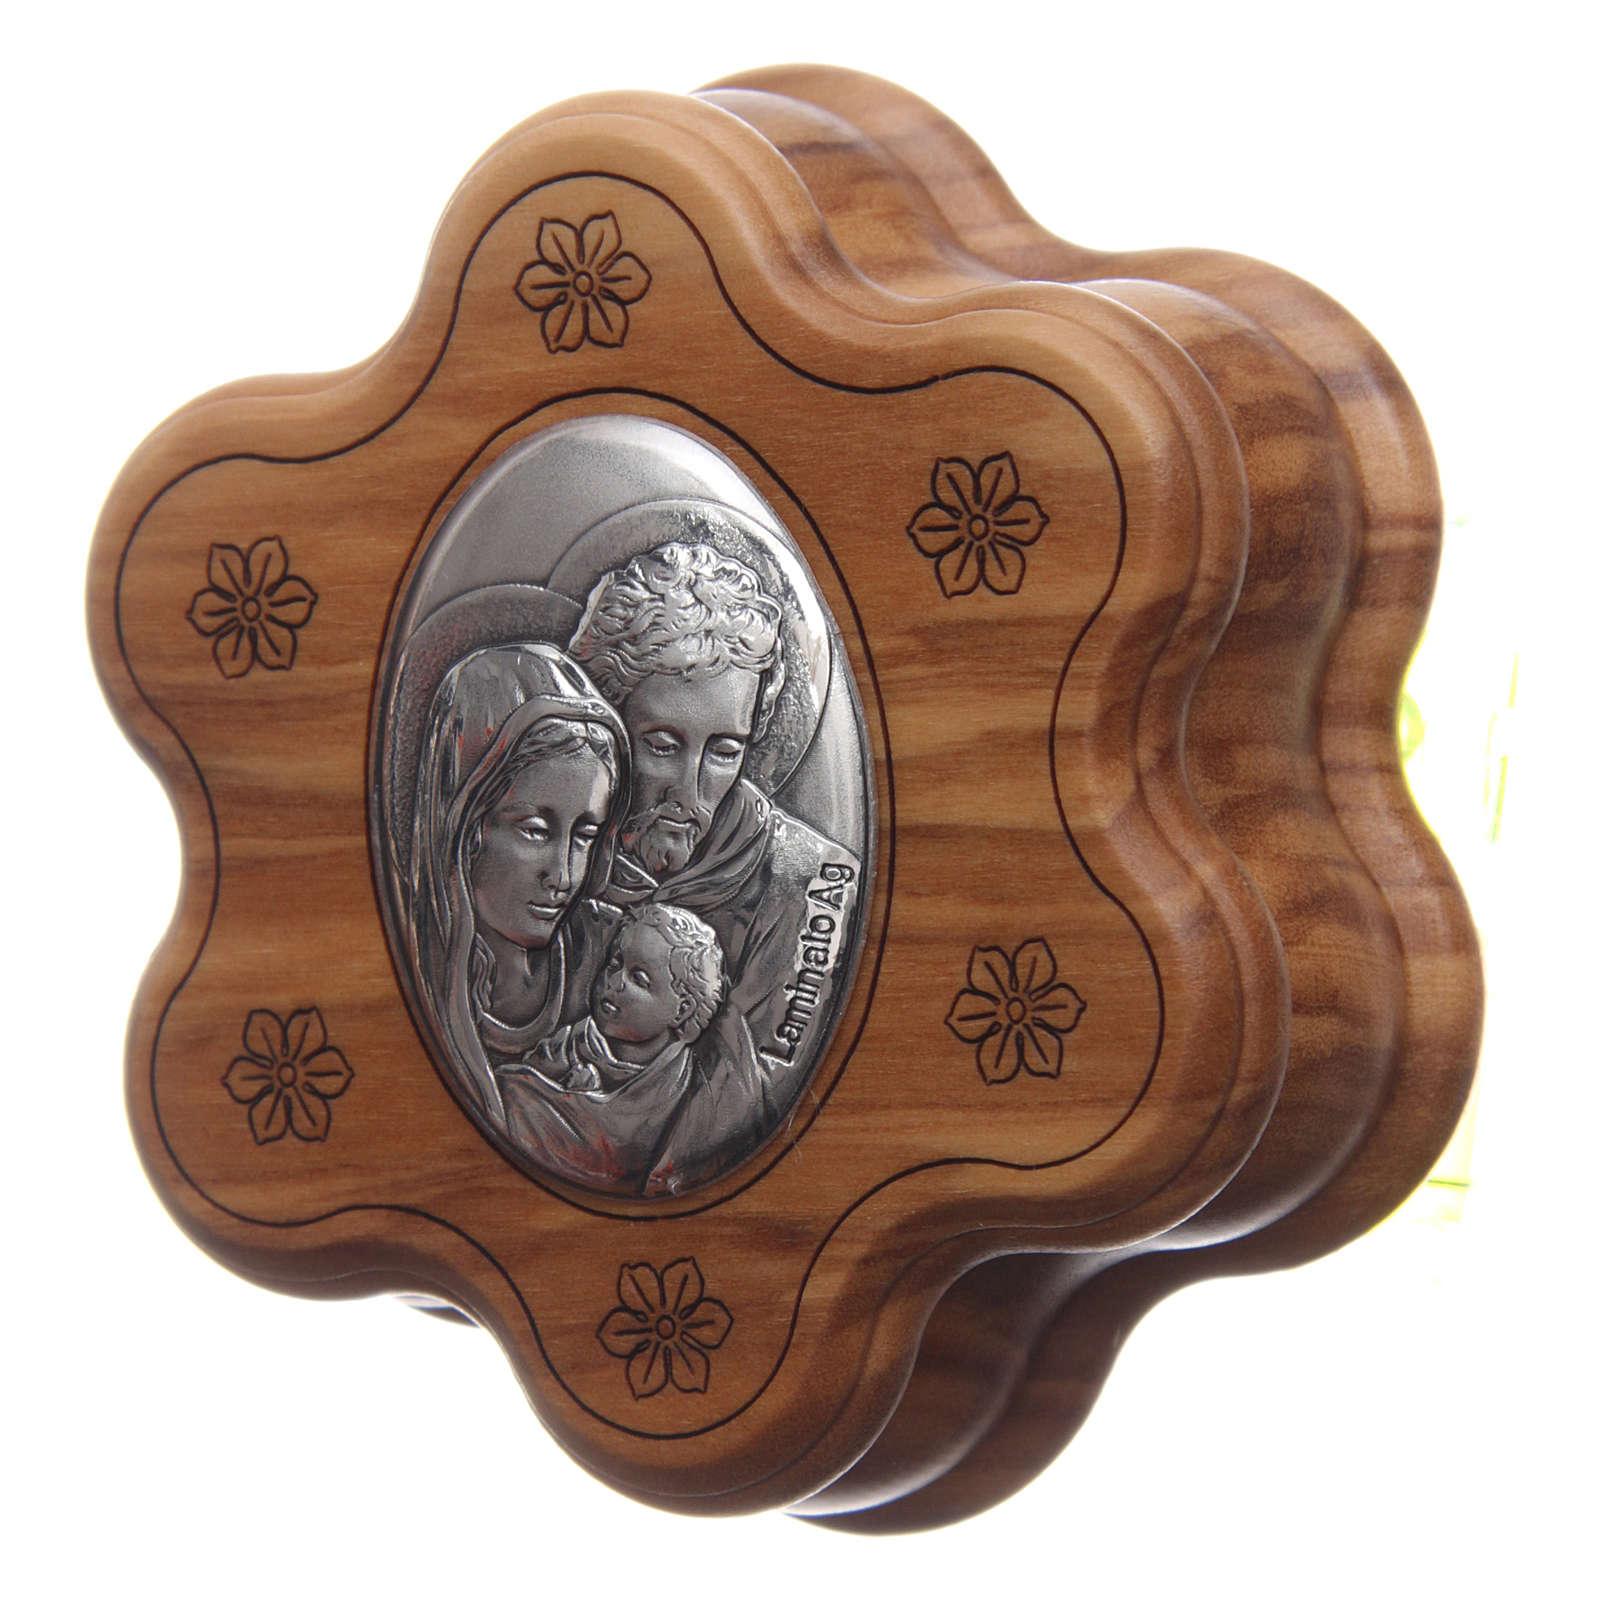 Cofanetto a fiore in olivo con rosario in legno 5 mm 4